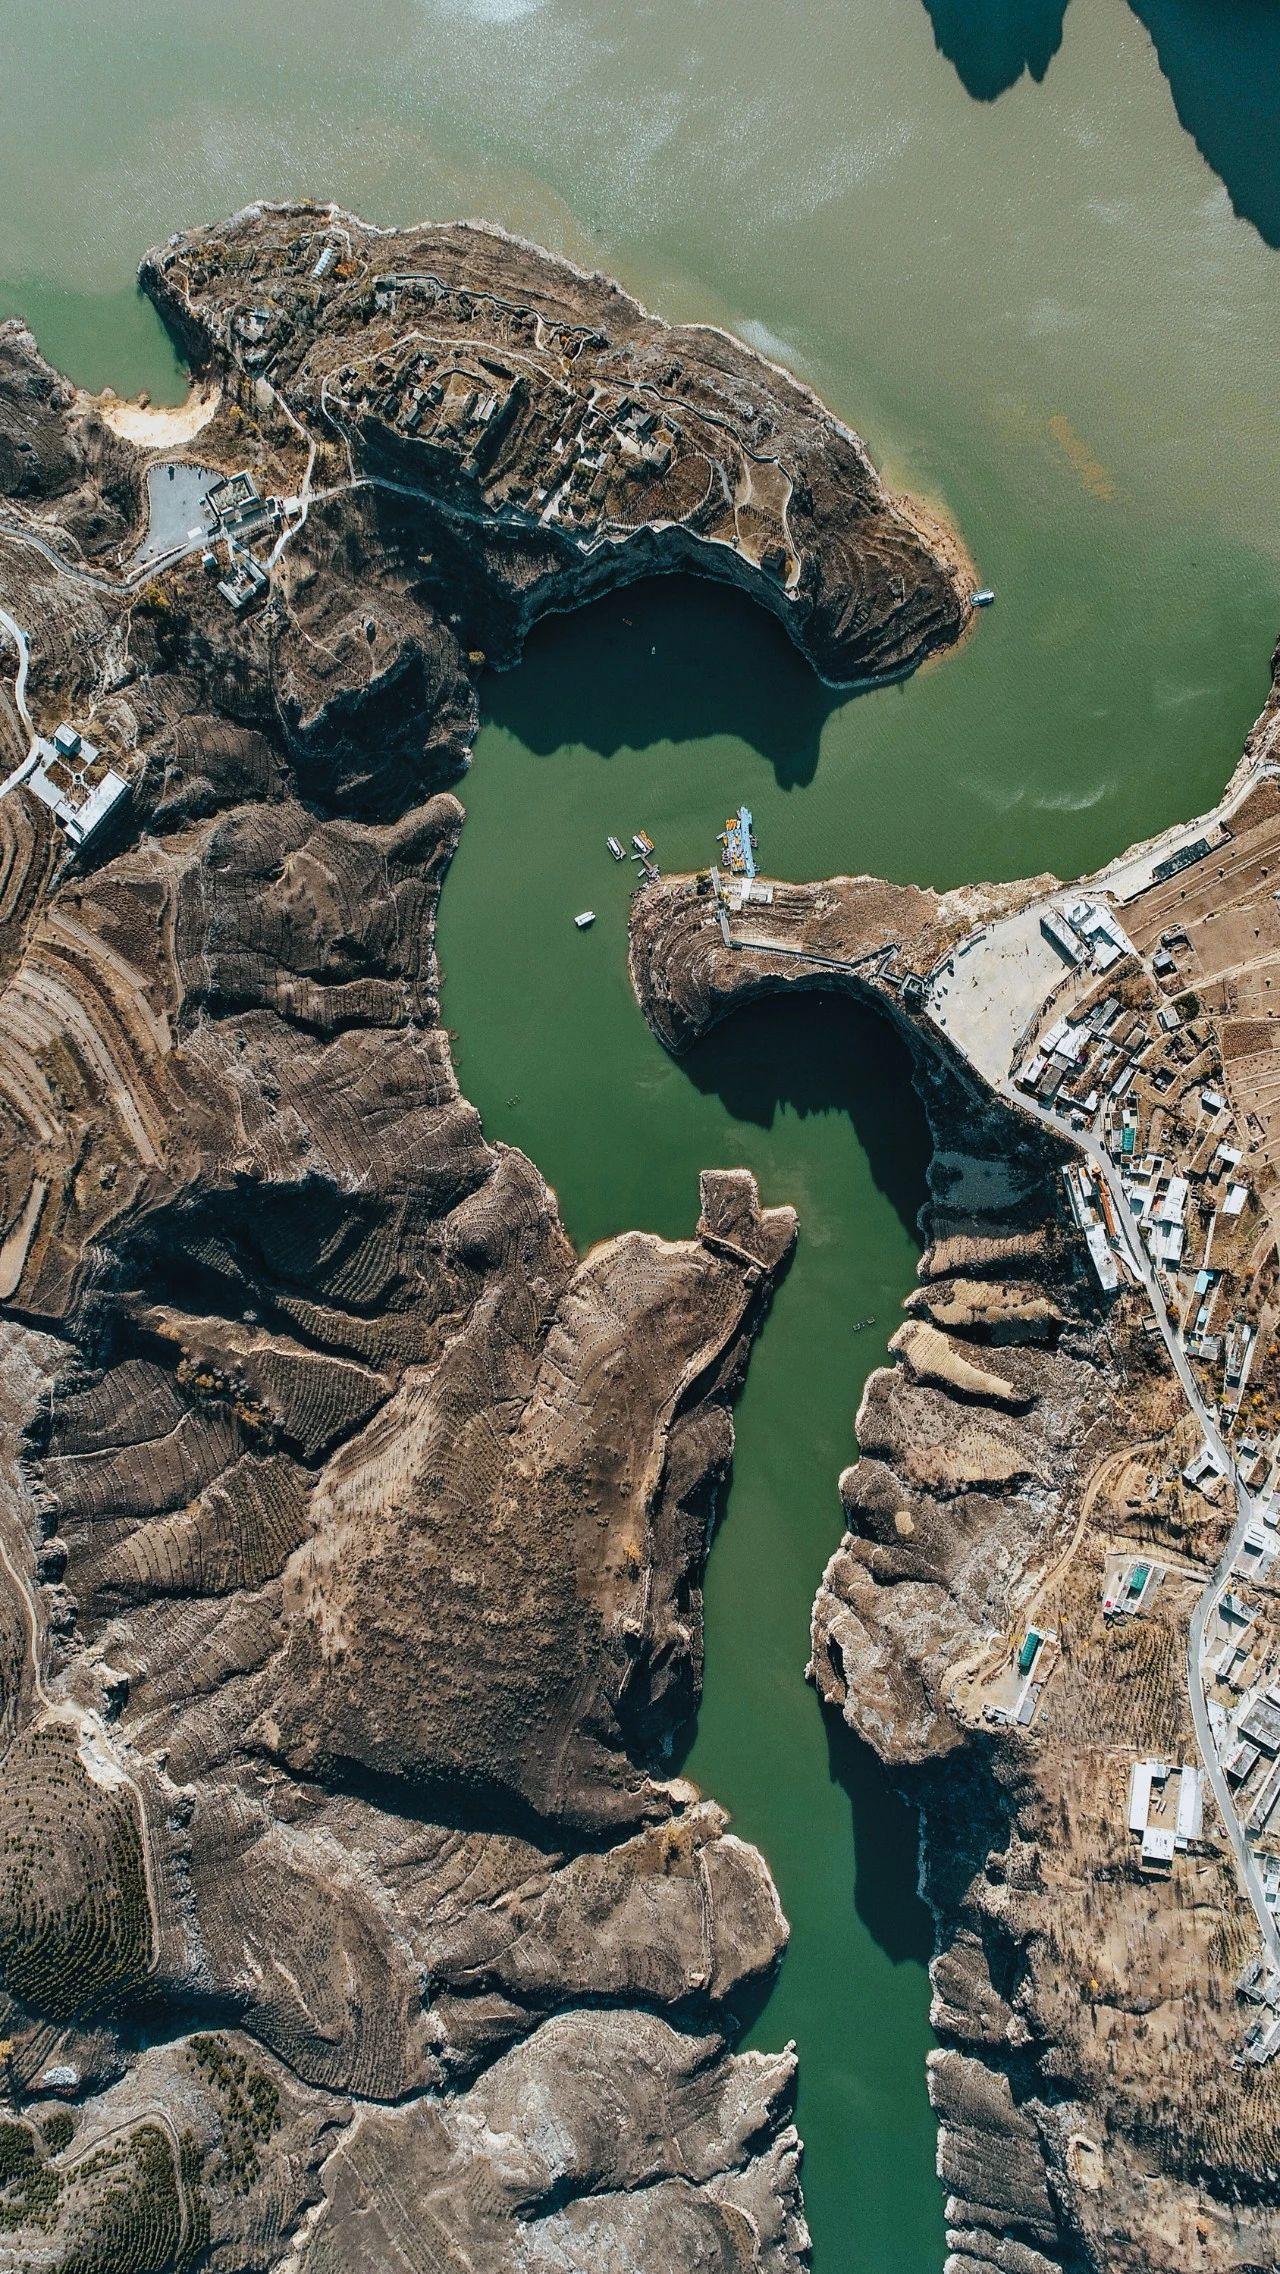 老牛湾,位于忻州市偏关县与呼和浩特市清水河县交界处。黄河在这里入晋,内外长城在这里交汇。 摄影 薛俊.jpg